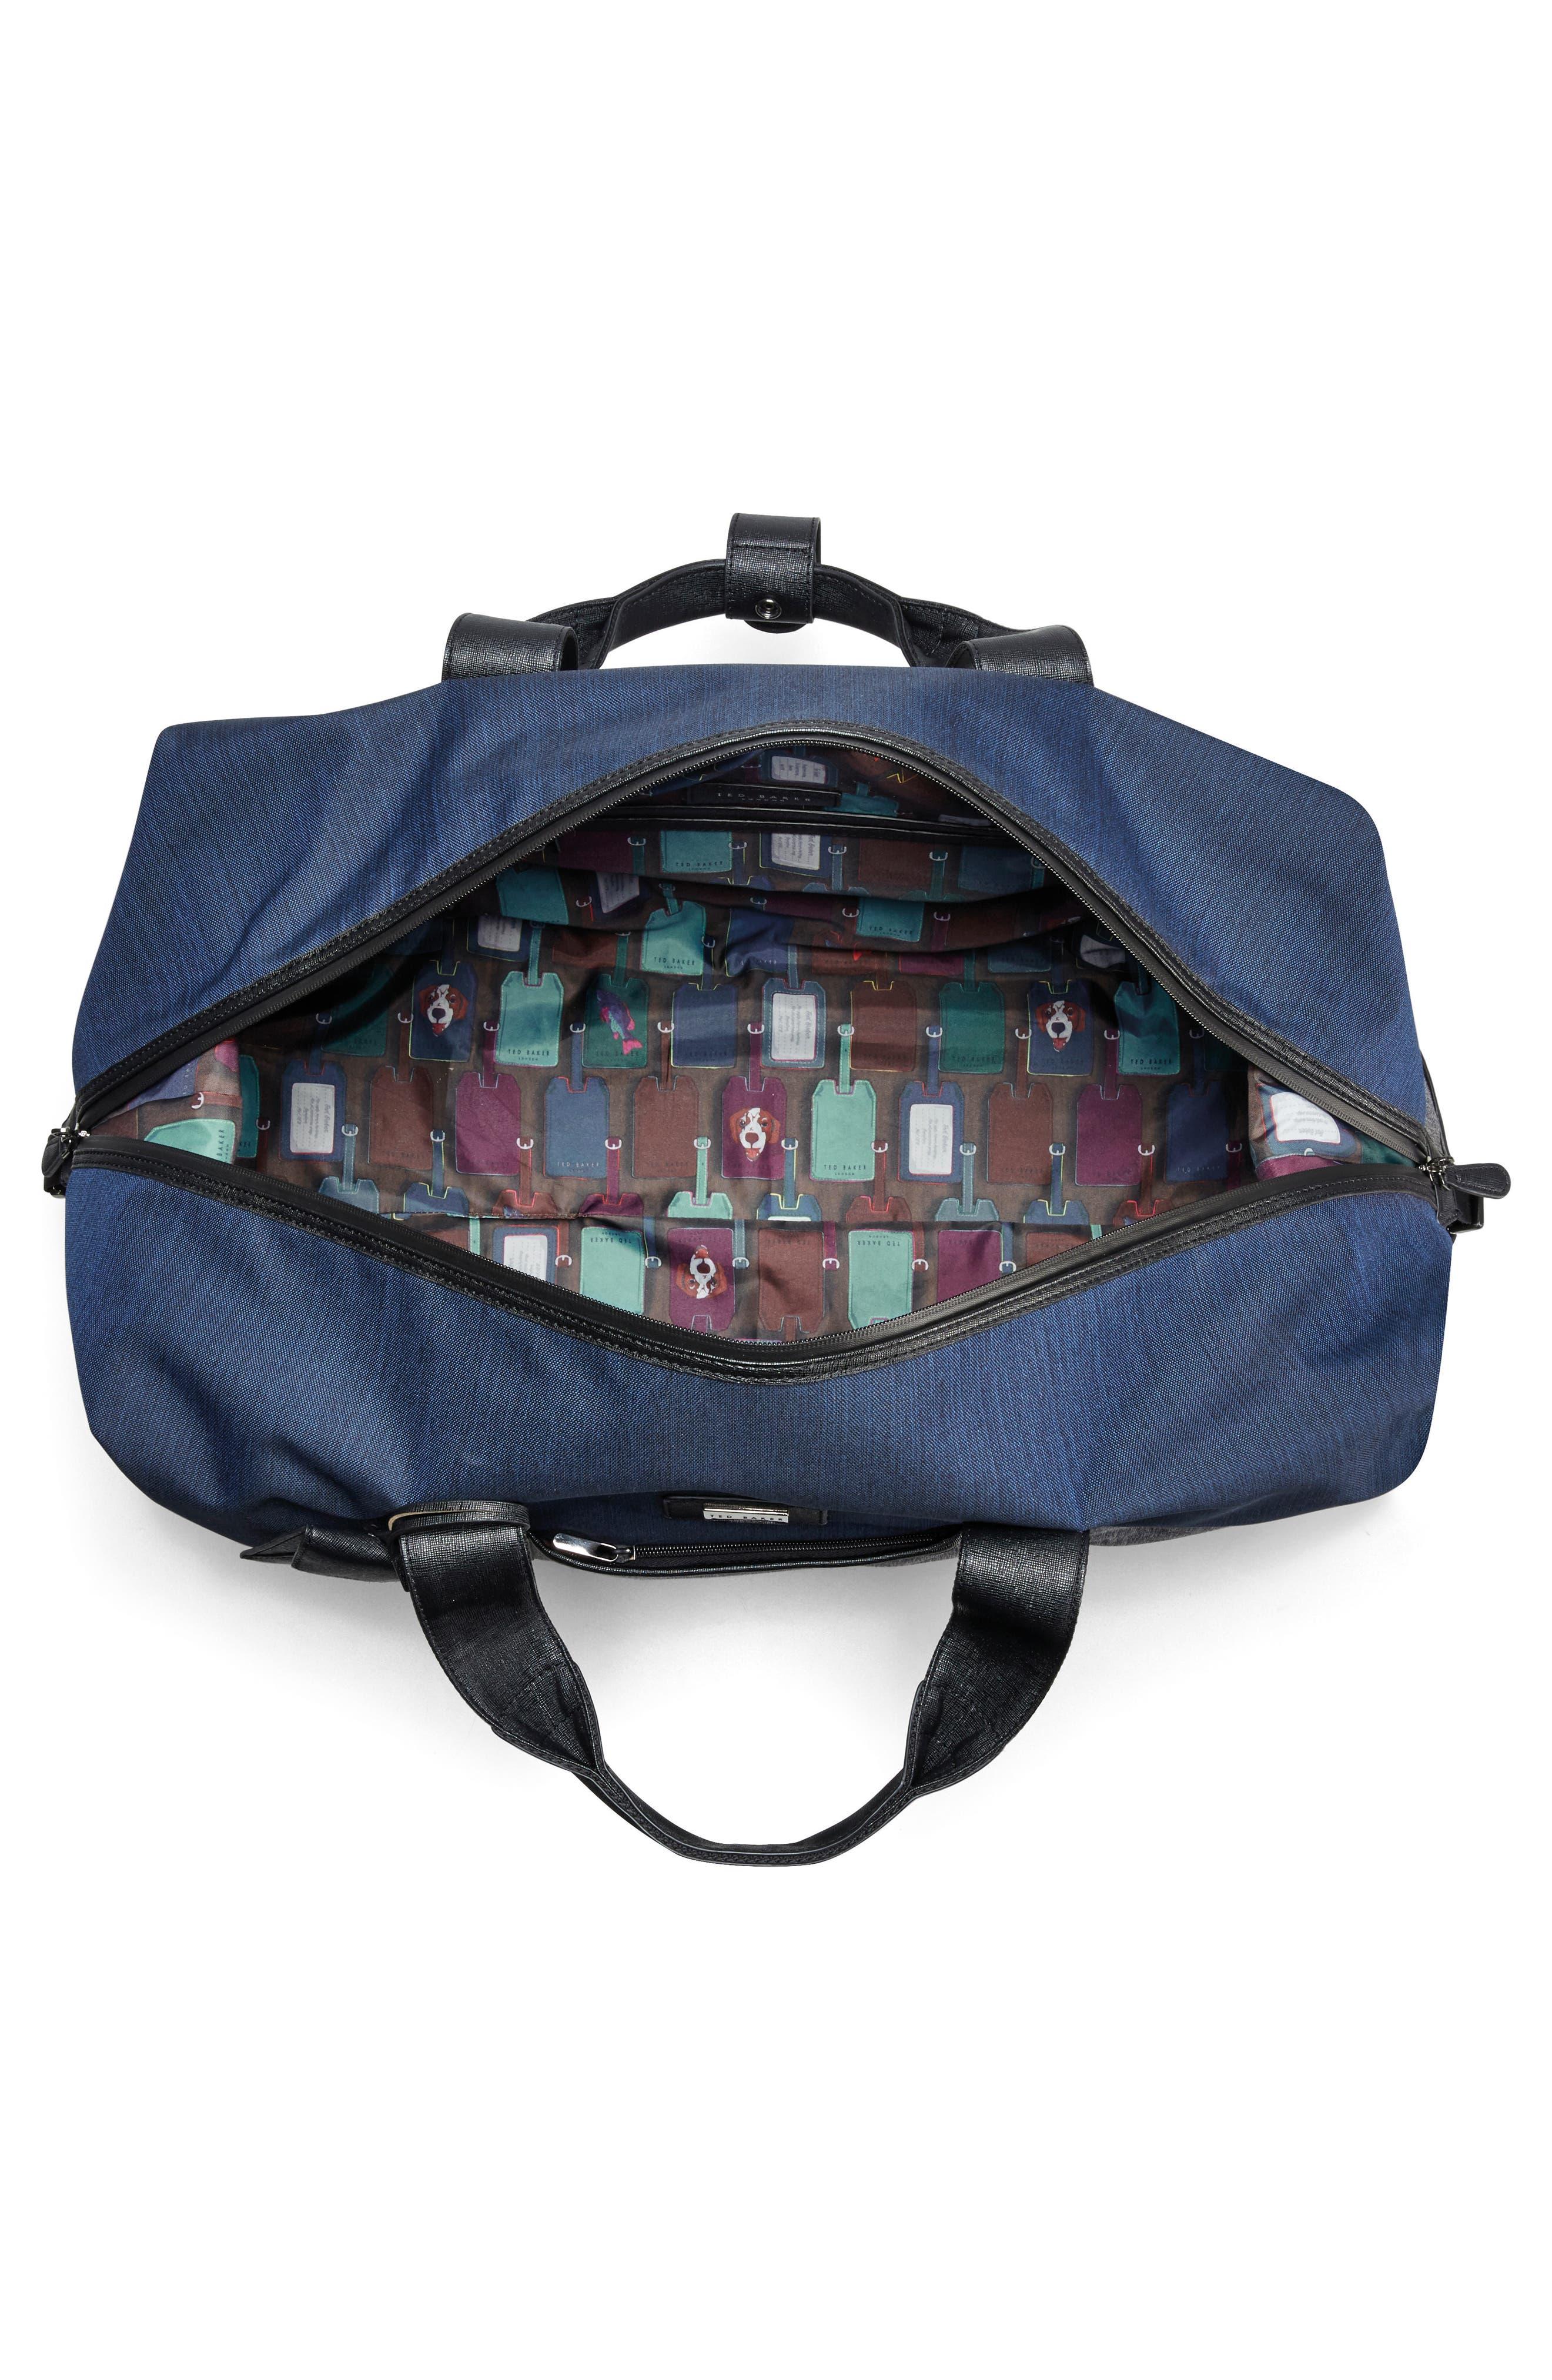 Medium Brunswick Water Resistant Duffel Bag,                             Alternate thumbnail 2, color,                             020